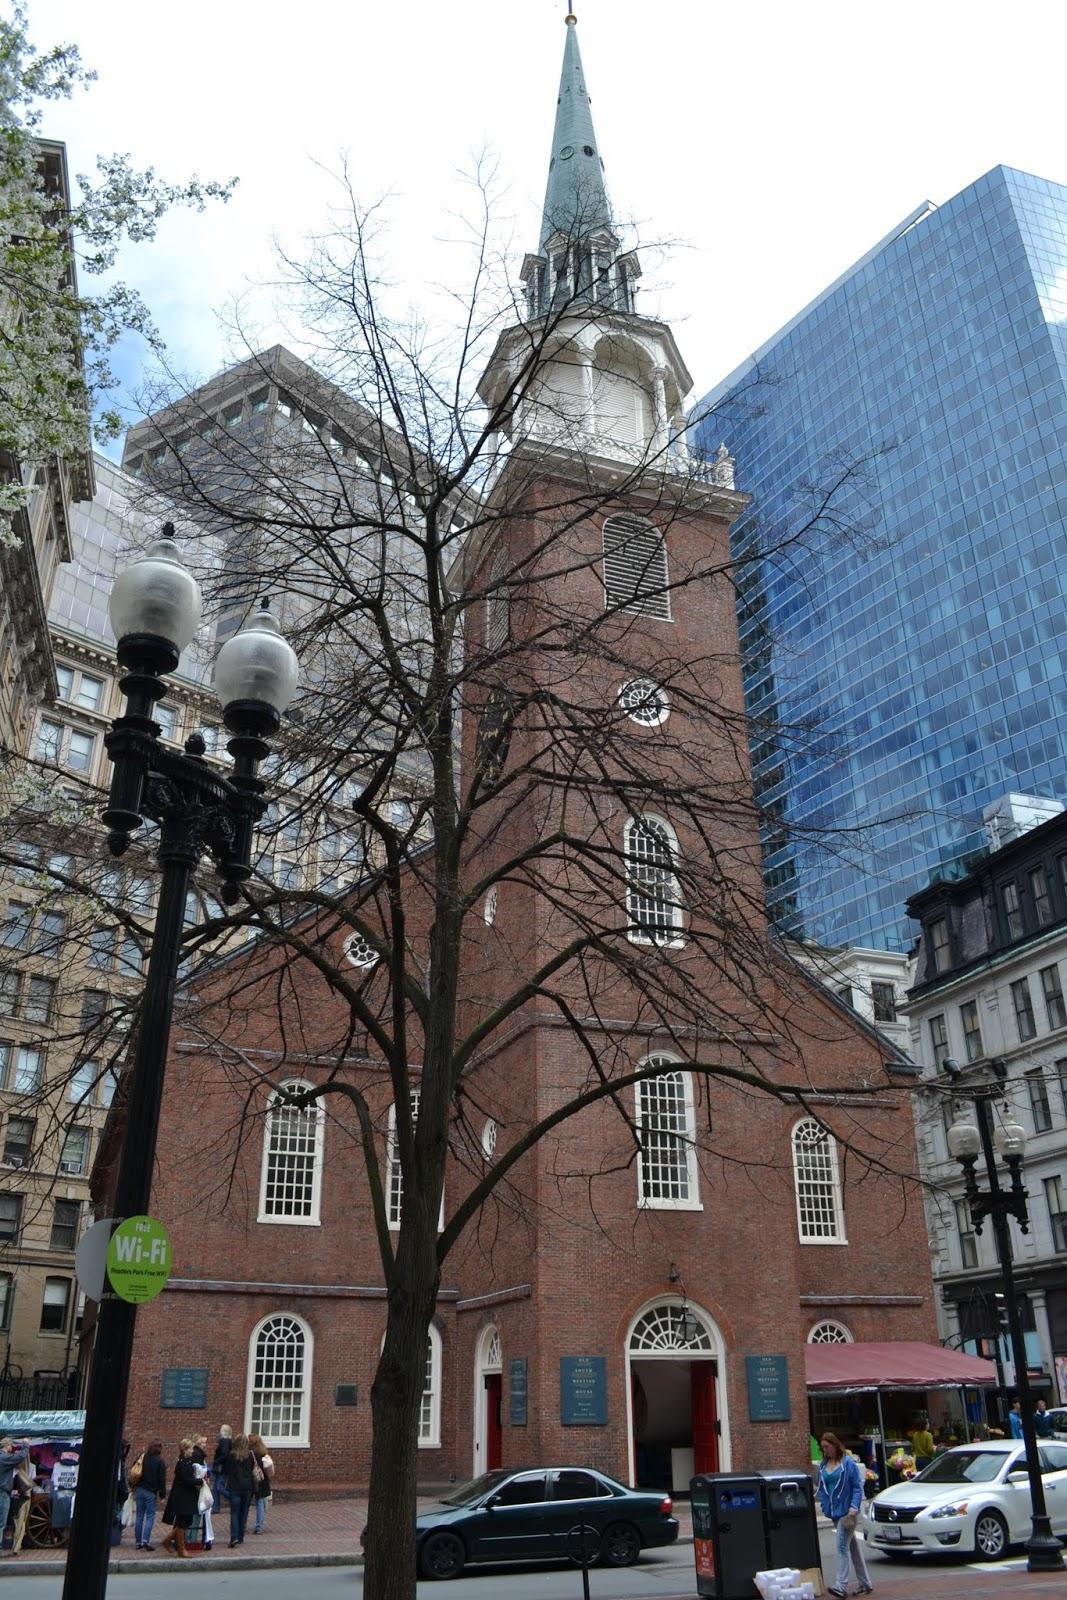 Старый Дом собраний, Бостон, Массачусетс(Old South Meeting House, Boston, MA)